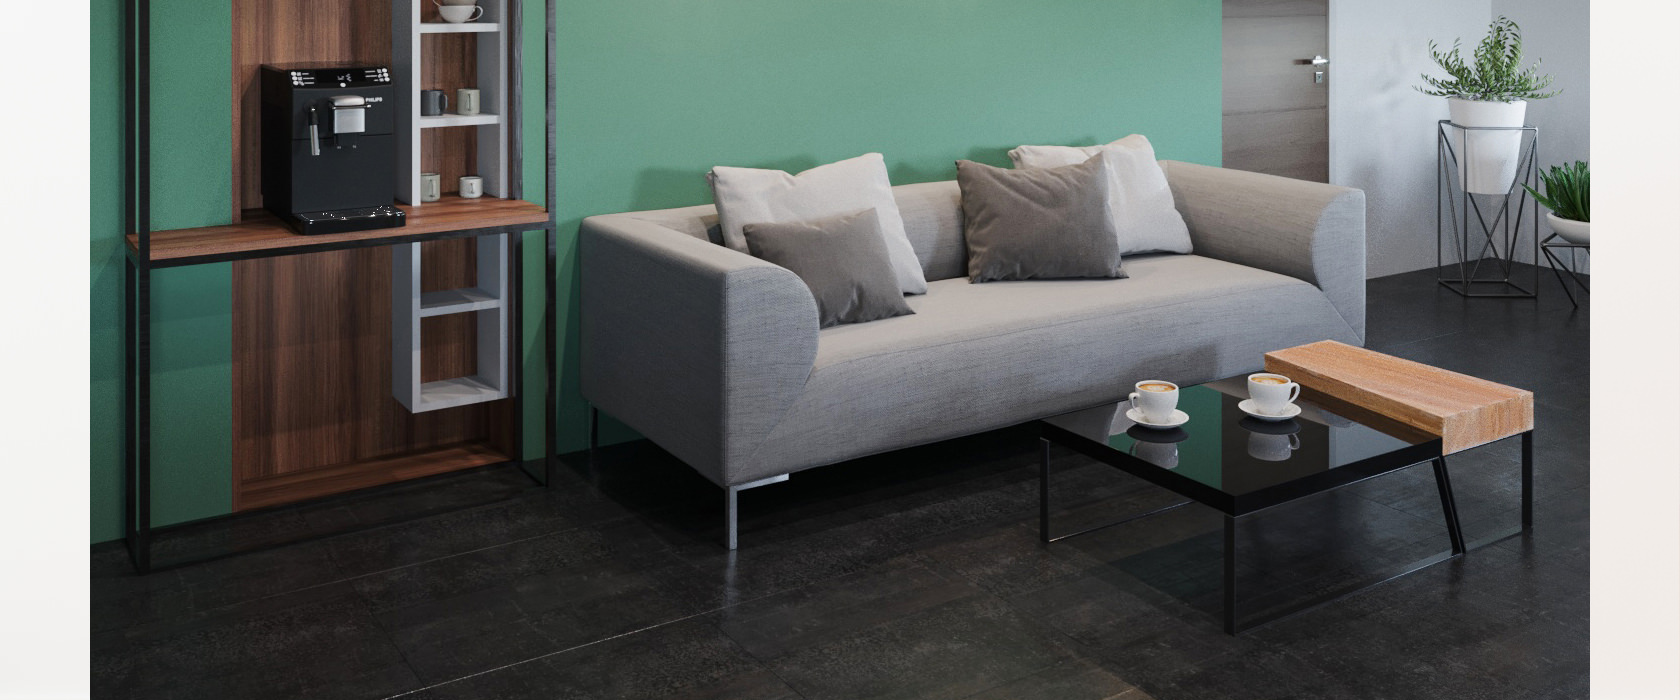 Тримісний диван Fernando - Фото 1 - Pufetto